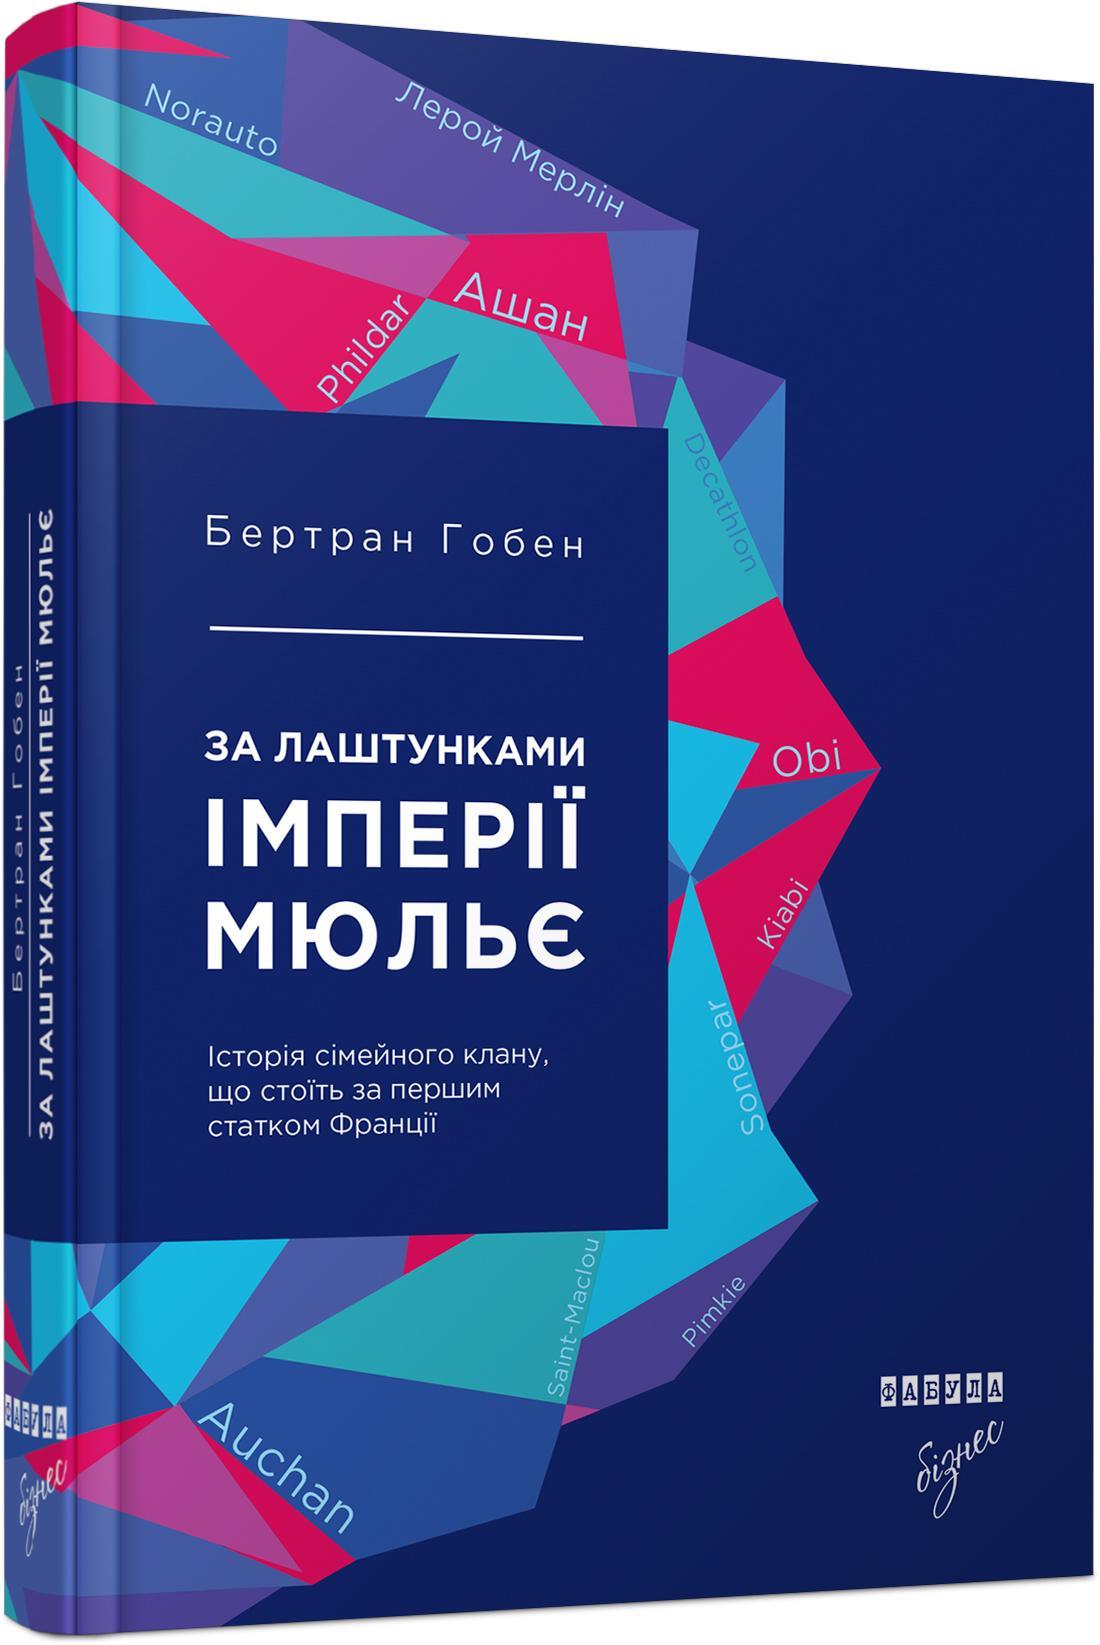 5 нон-фикшн книг о мировых историях перемен и успеха